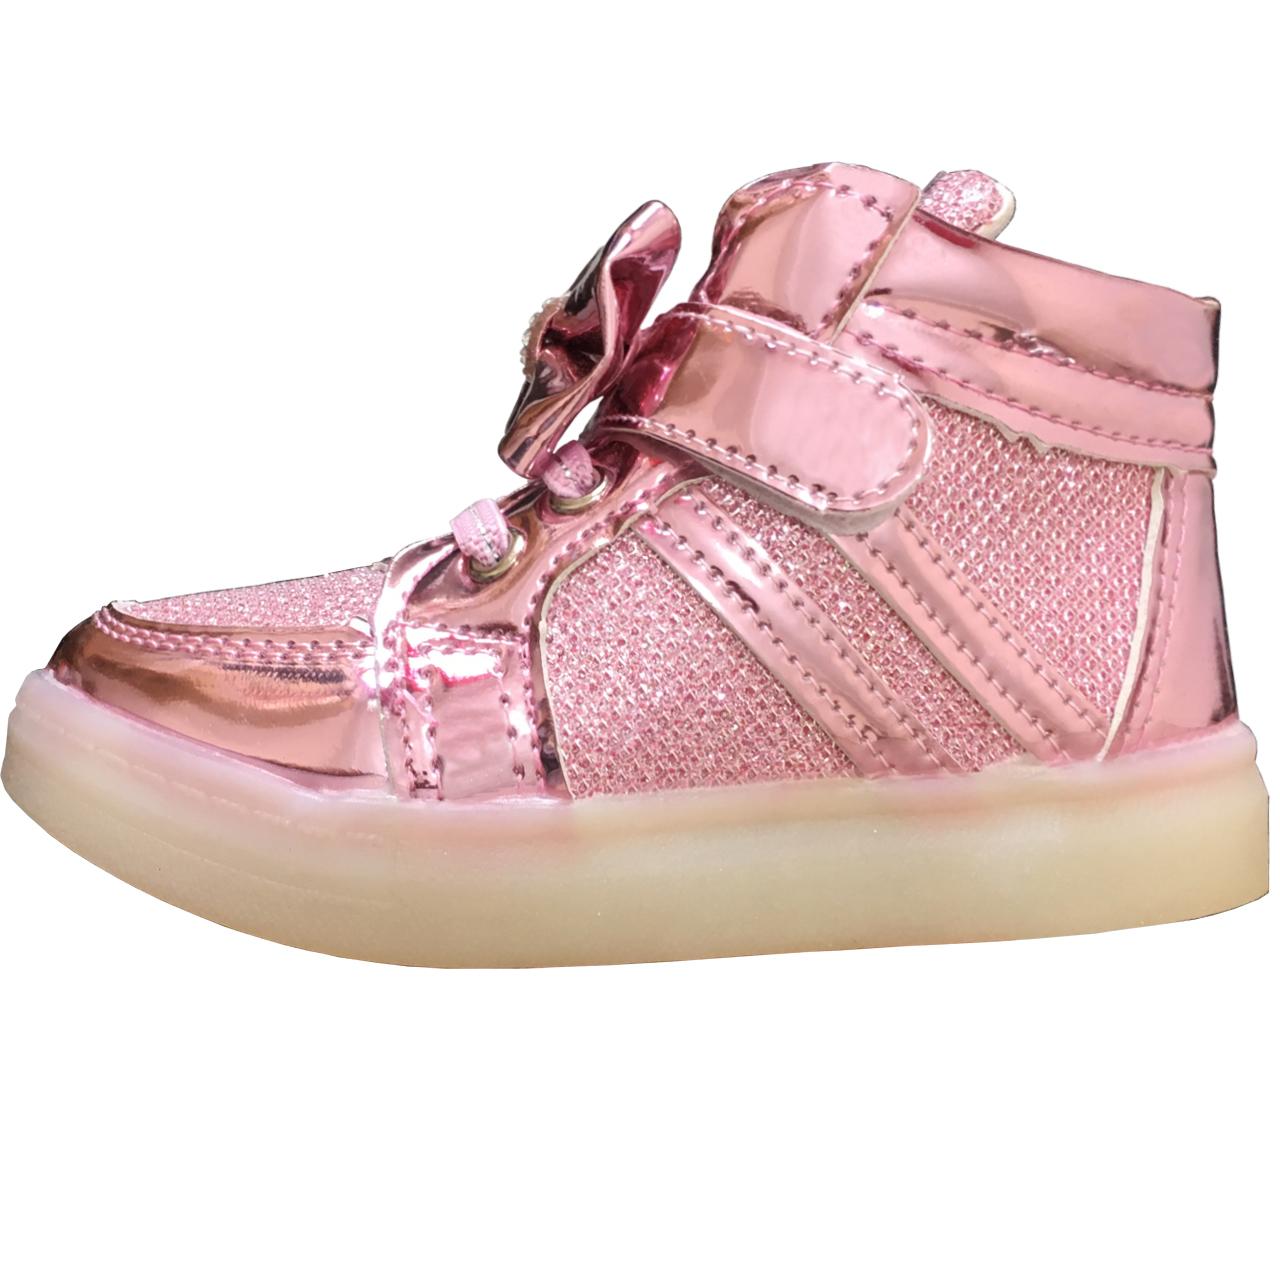 کفش راحتی چراغدار دخترانه کد 0200